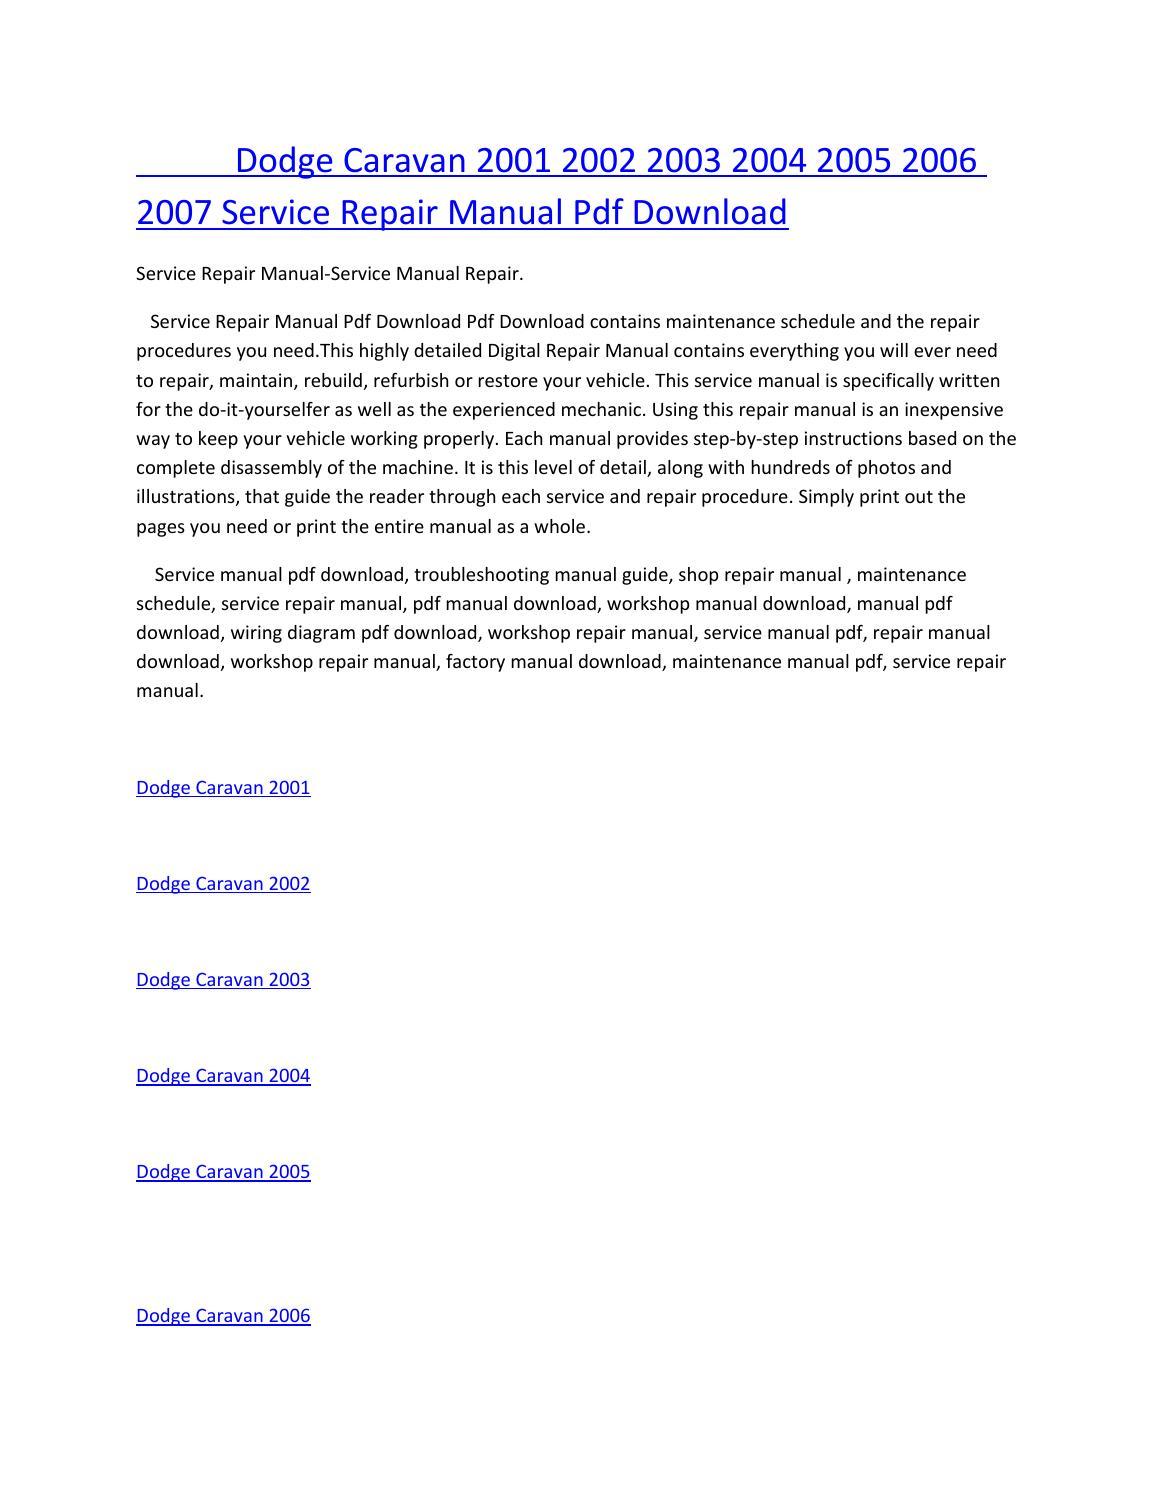 hight resolution of dodge caravan 2001 2002 2003 2004 2005 2006 2007 service manual repair pdf download